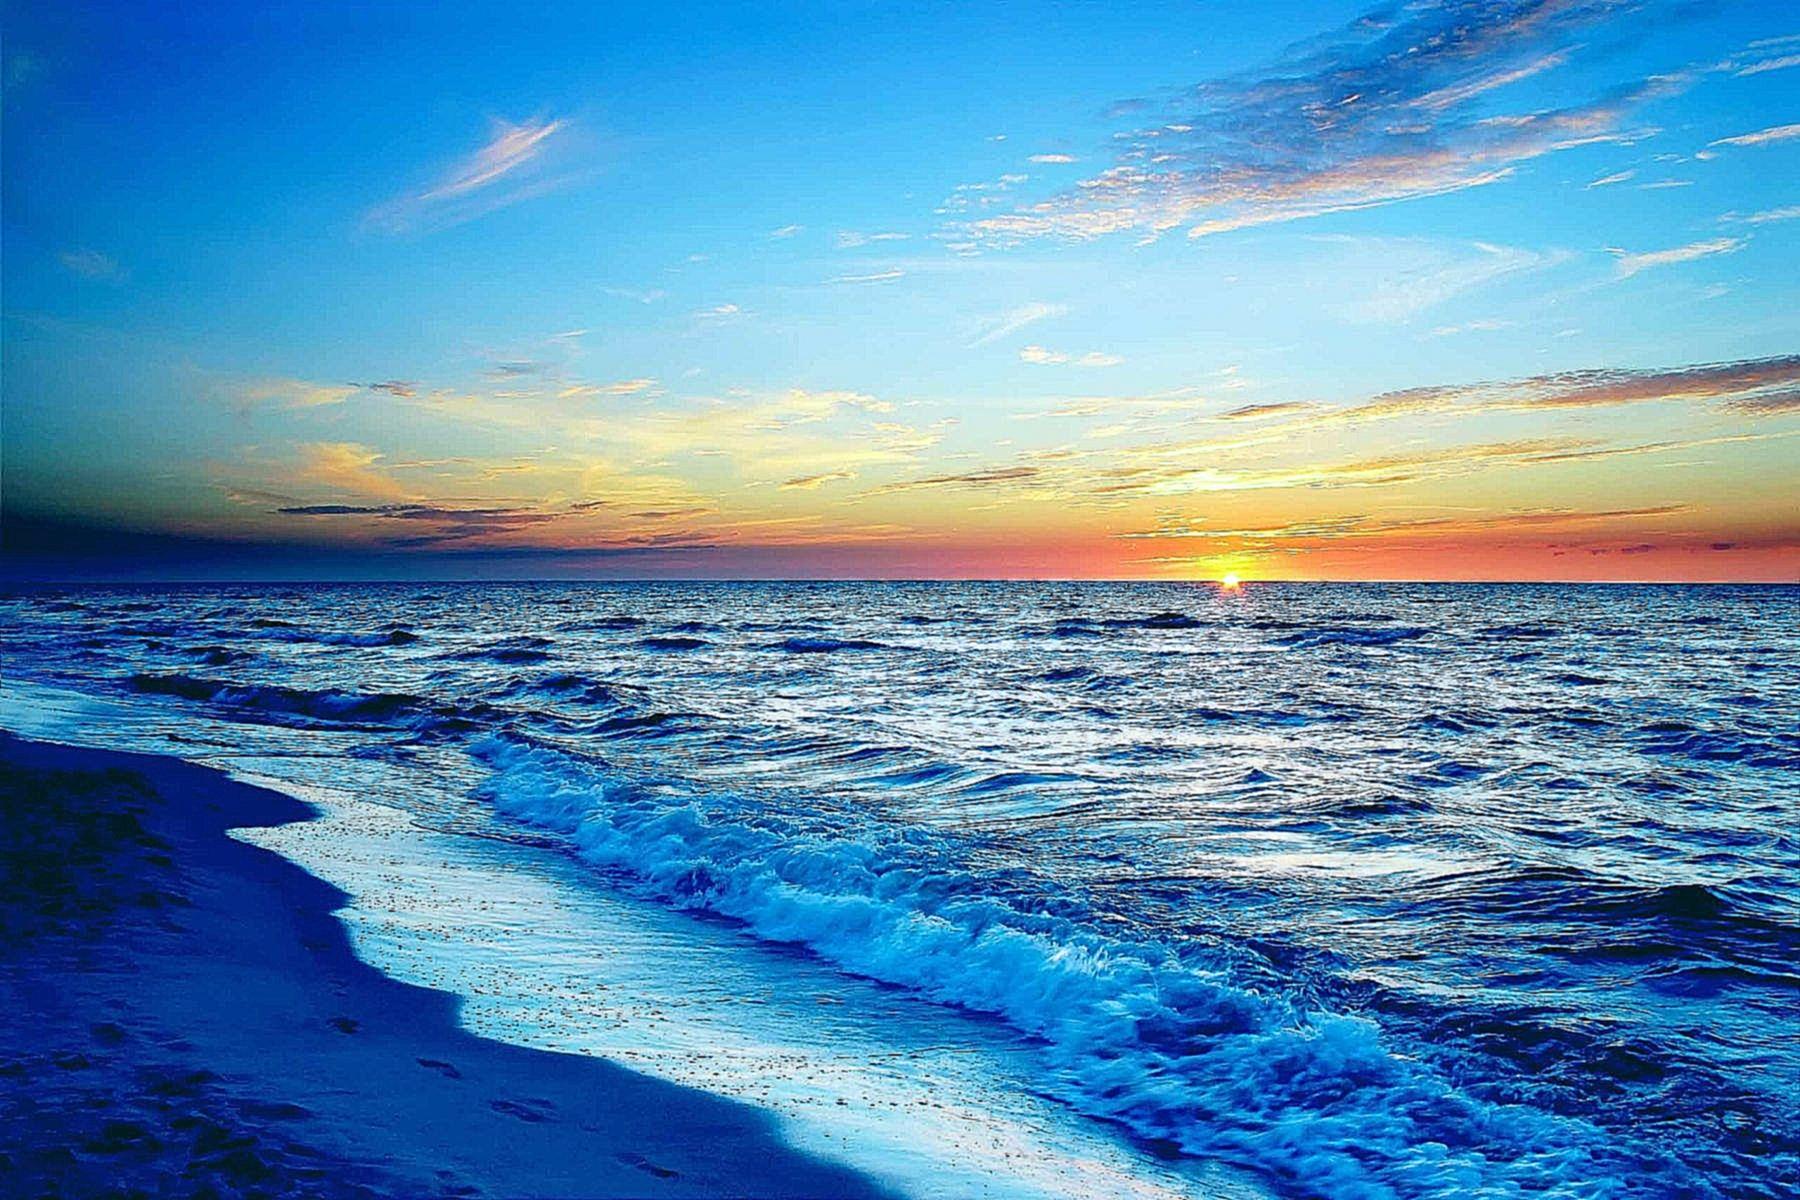 картинки моря на телефоне как